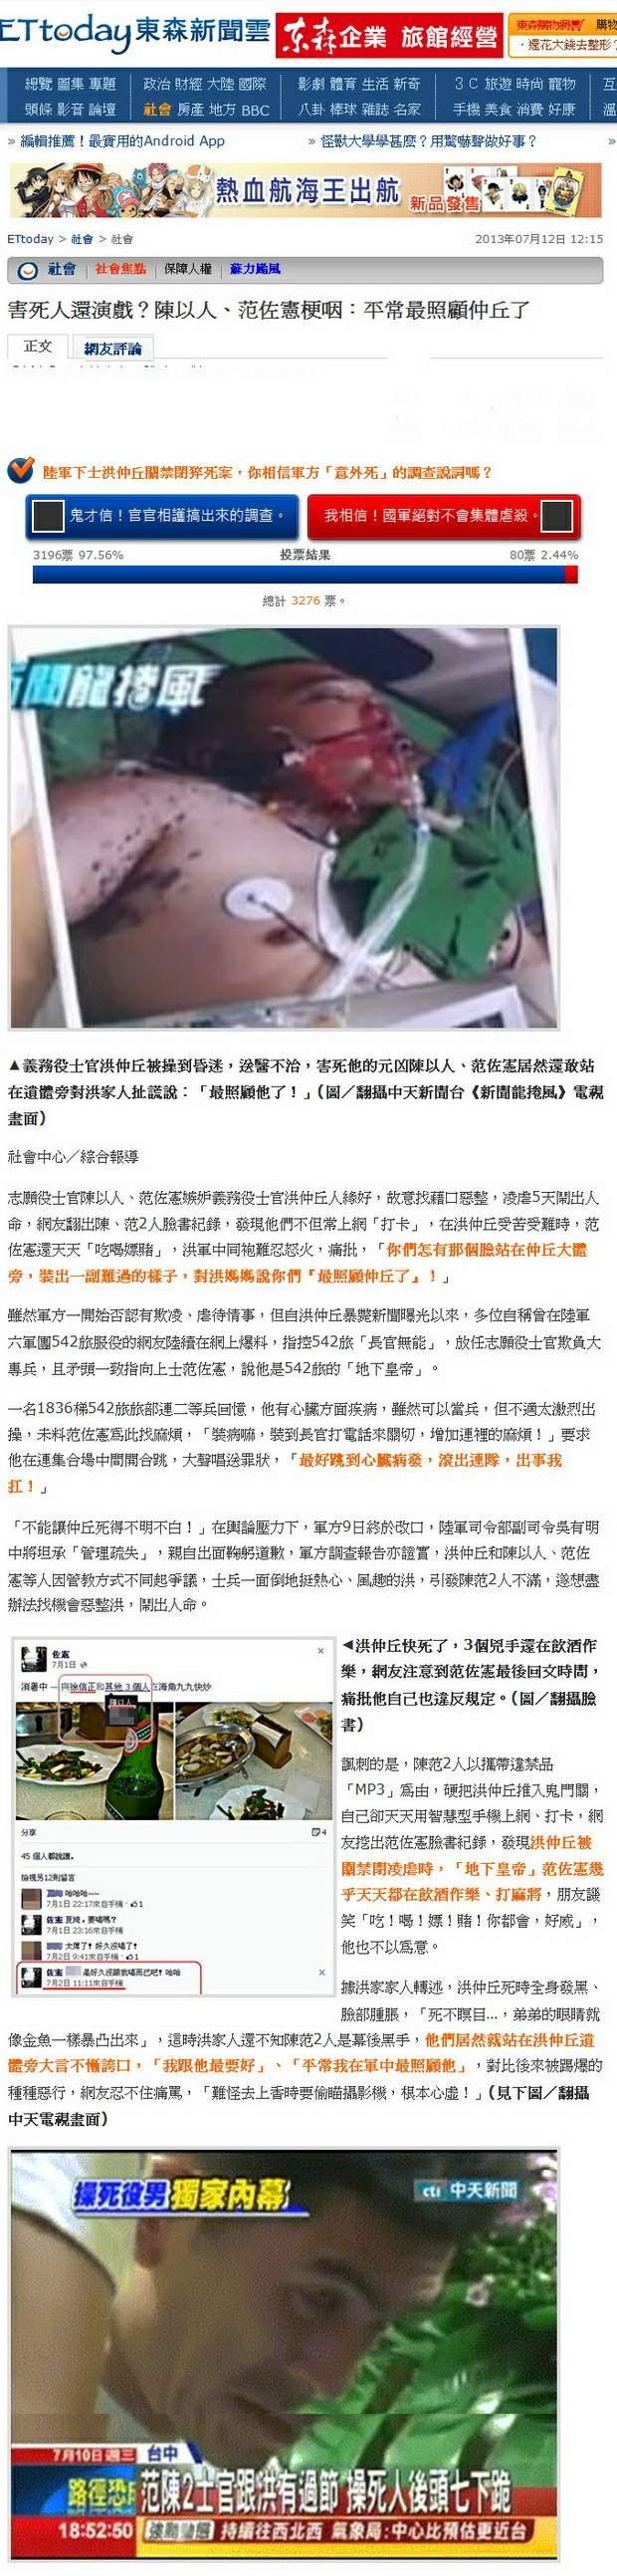 害死人還演戲?陳以人、范佐憲梗咽:平常最照顧仲丘了  -2013.07.12.jpg